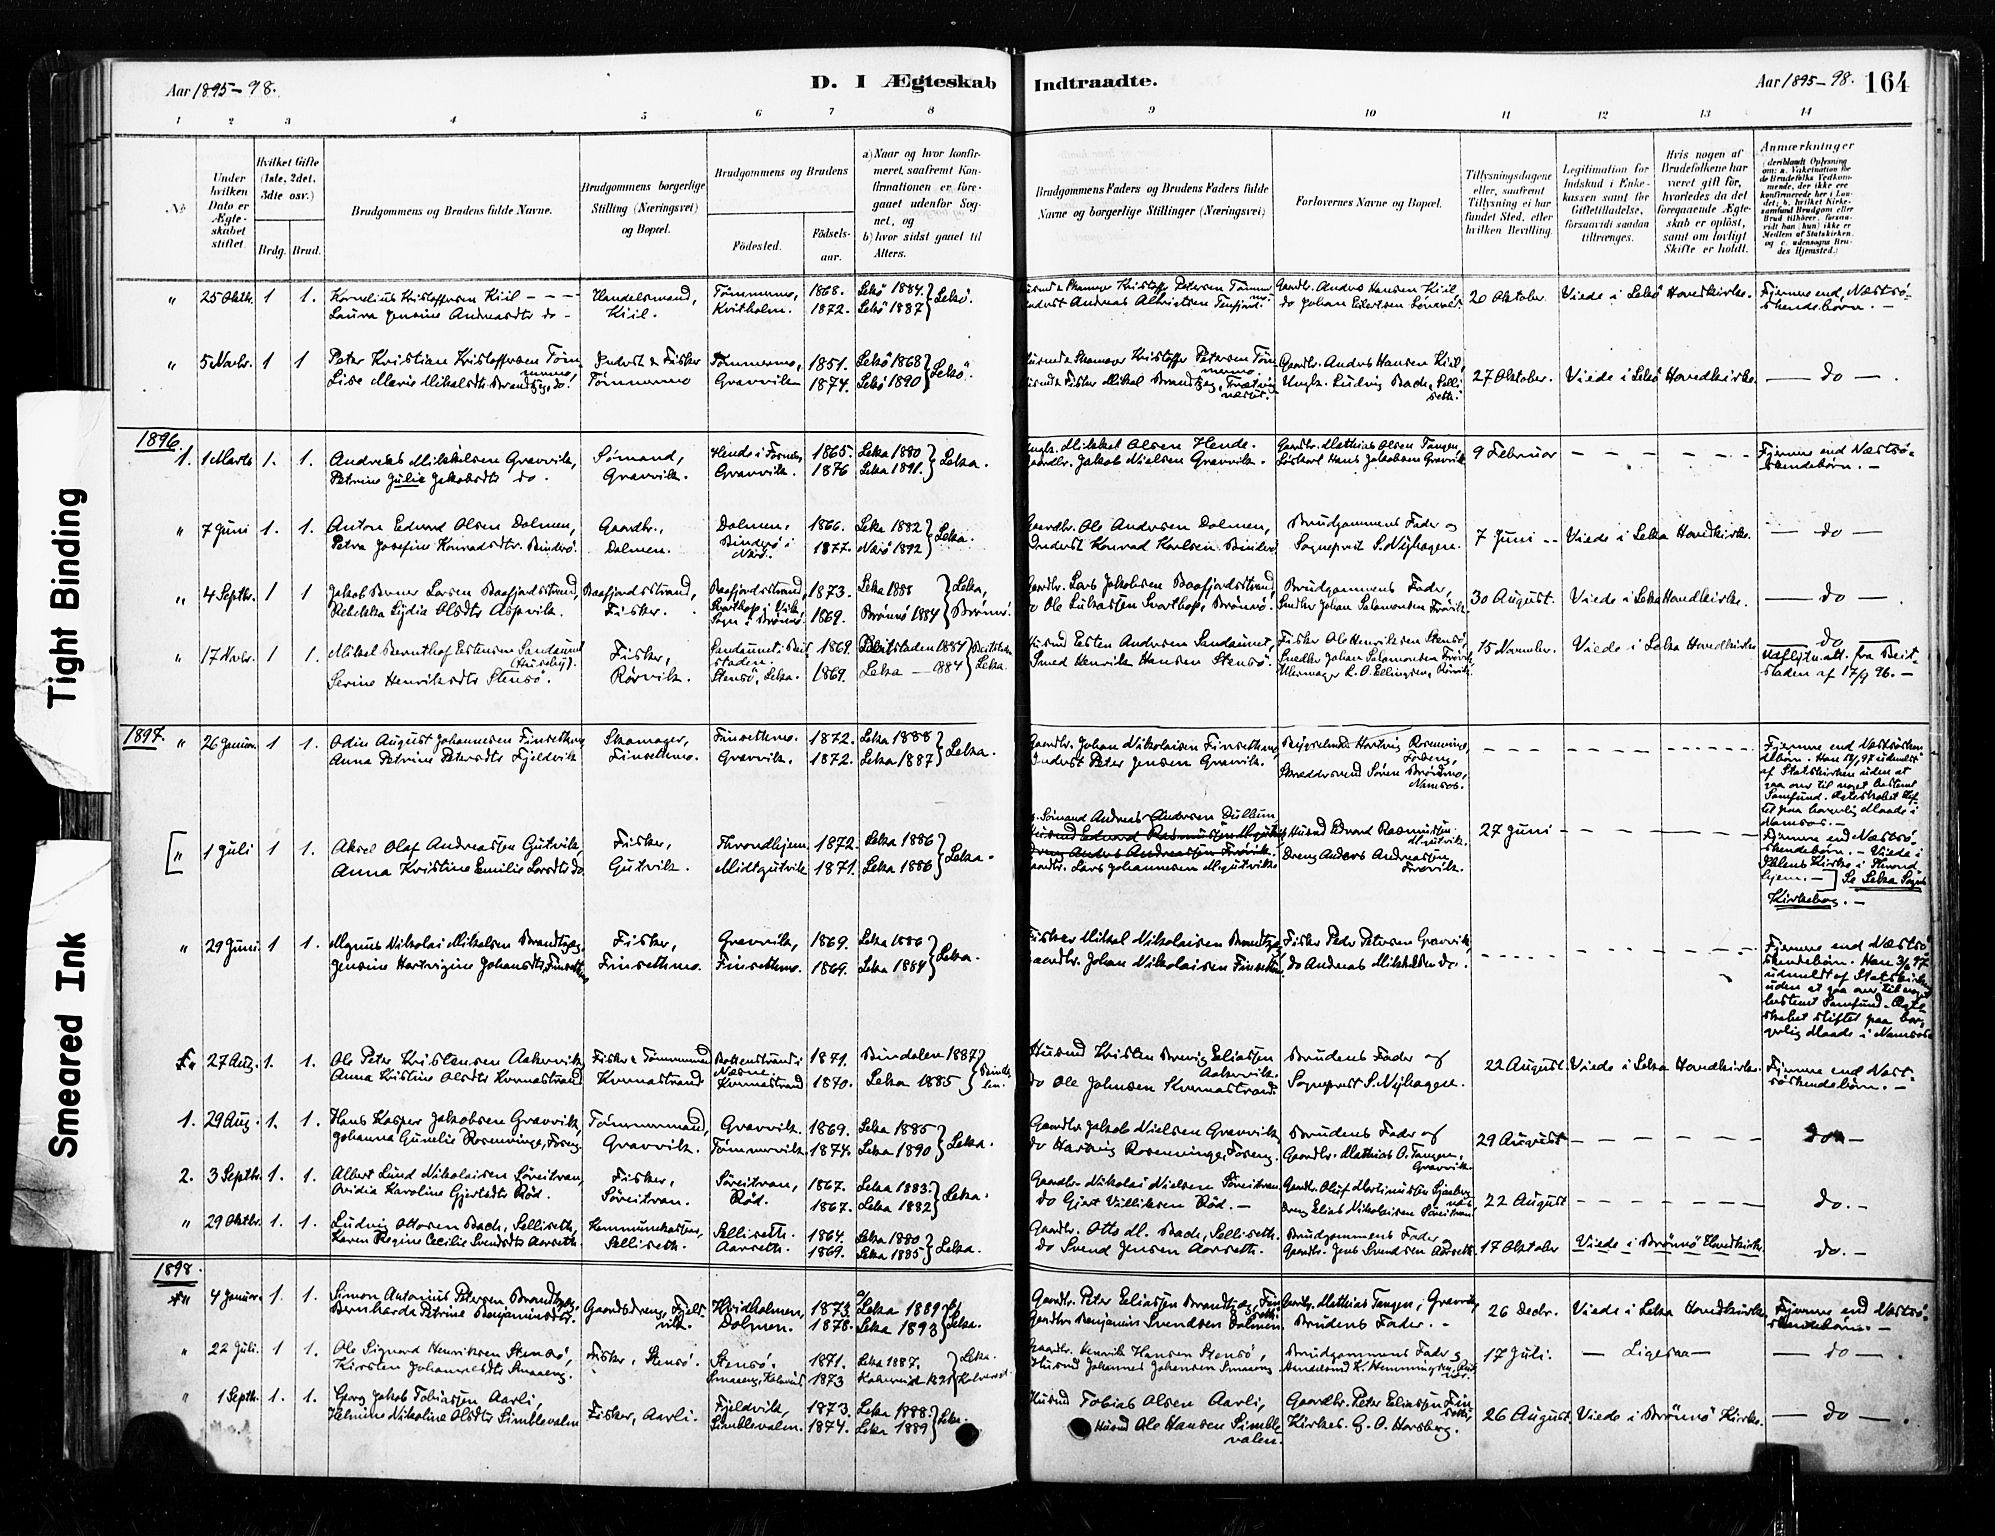 SAT, Ministerialprotokoller, klokkerbøker og fødselsregistre - Nord-Trøndelag, 789/L0705: Ministerialbok nr. 789A01, 1878-1910, s. 164